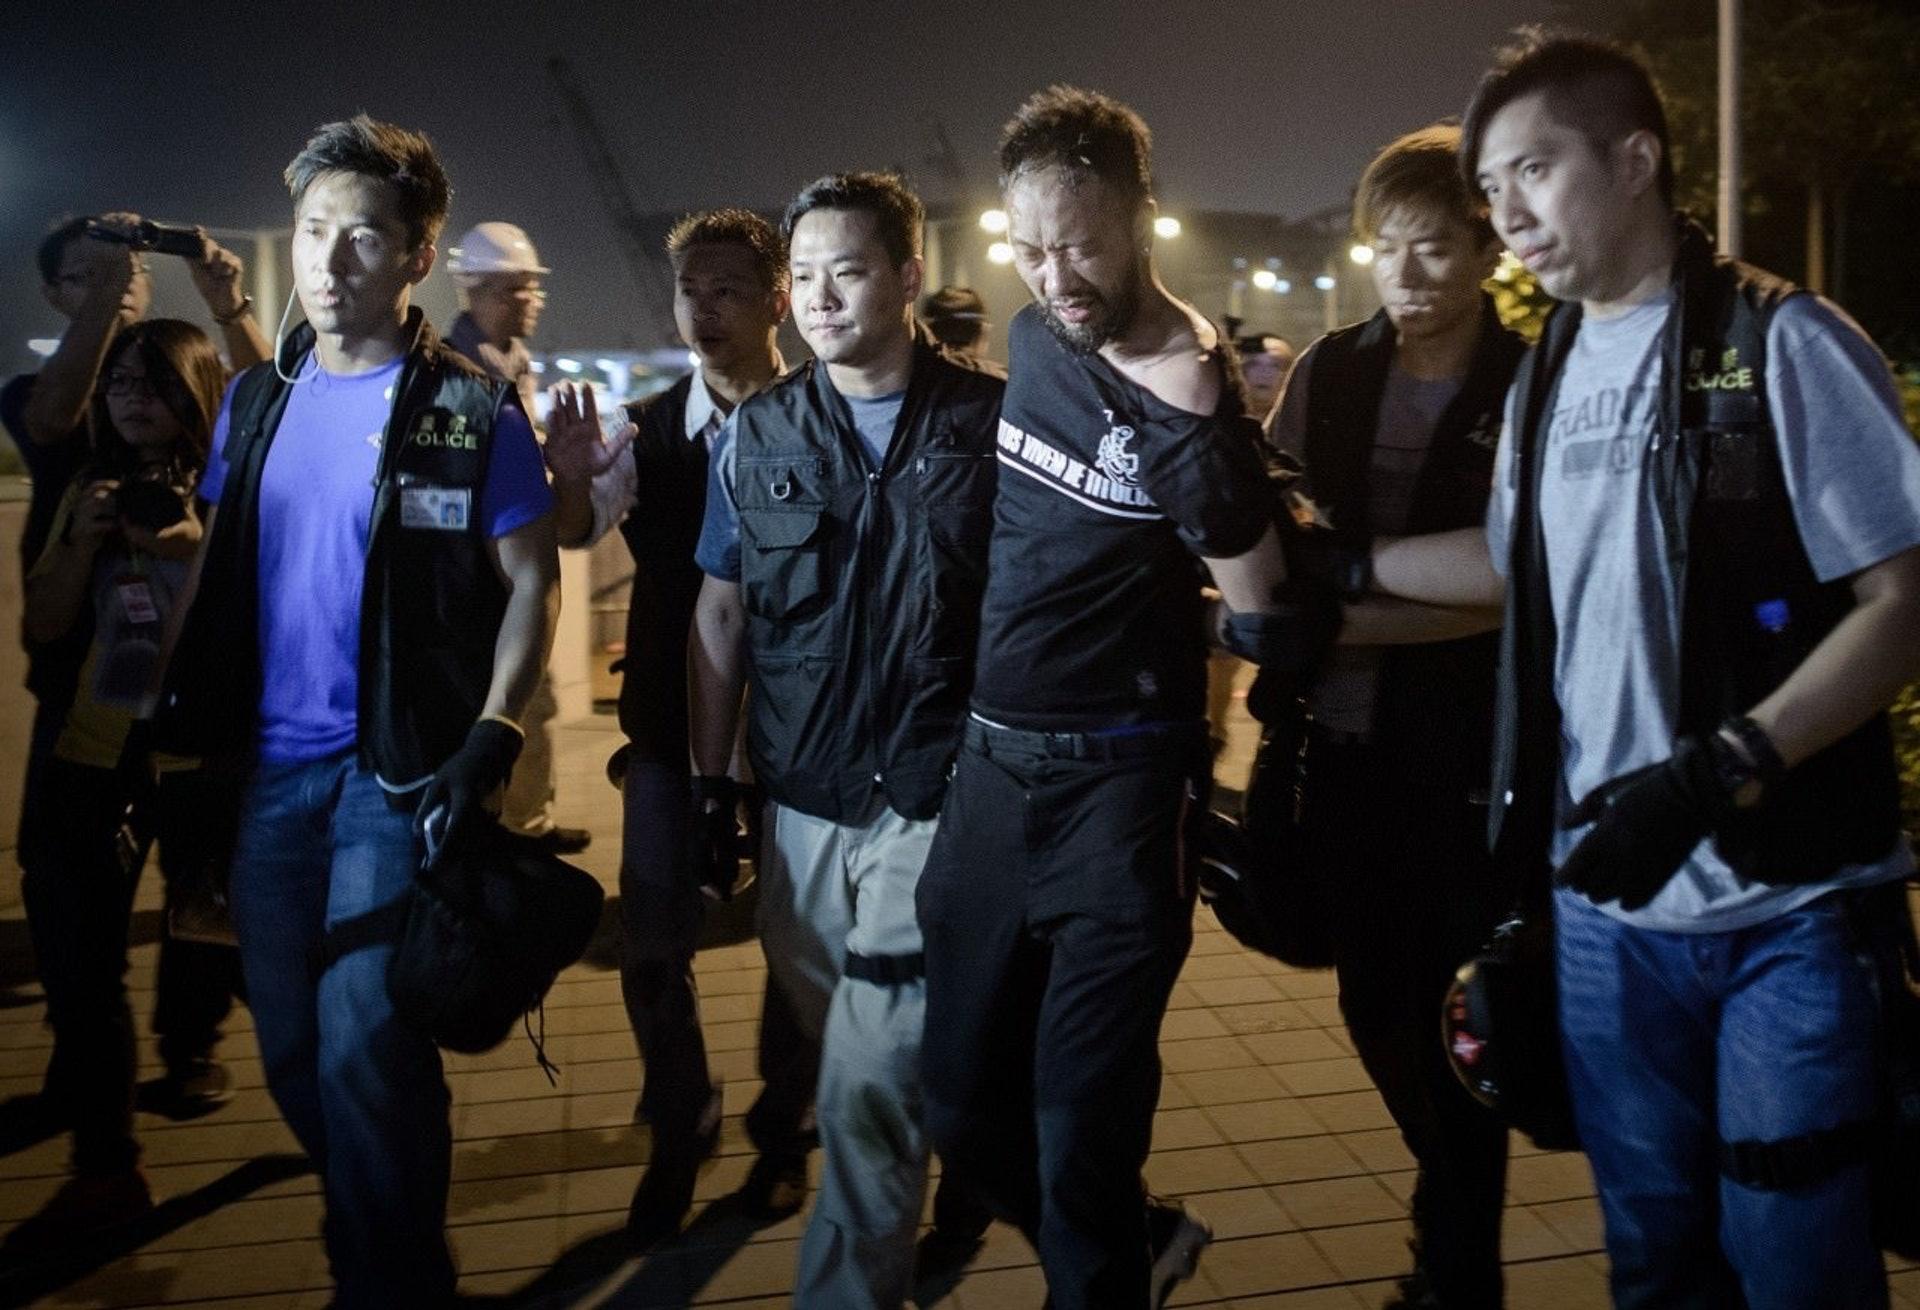 禁止酷刑委員會於2015年審議報告,建議港府應獨立調查所有執法者與反對示威者人士使用的過度武力。圖為曾健超在暗角被七警拘捕。(資料圖片)